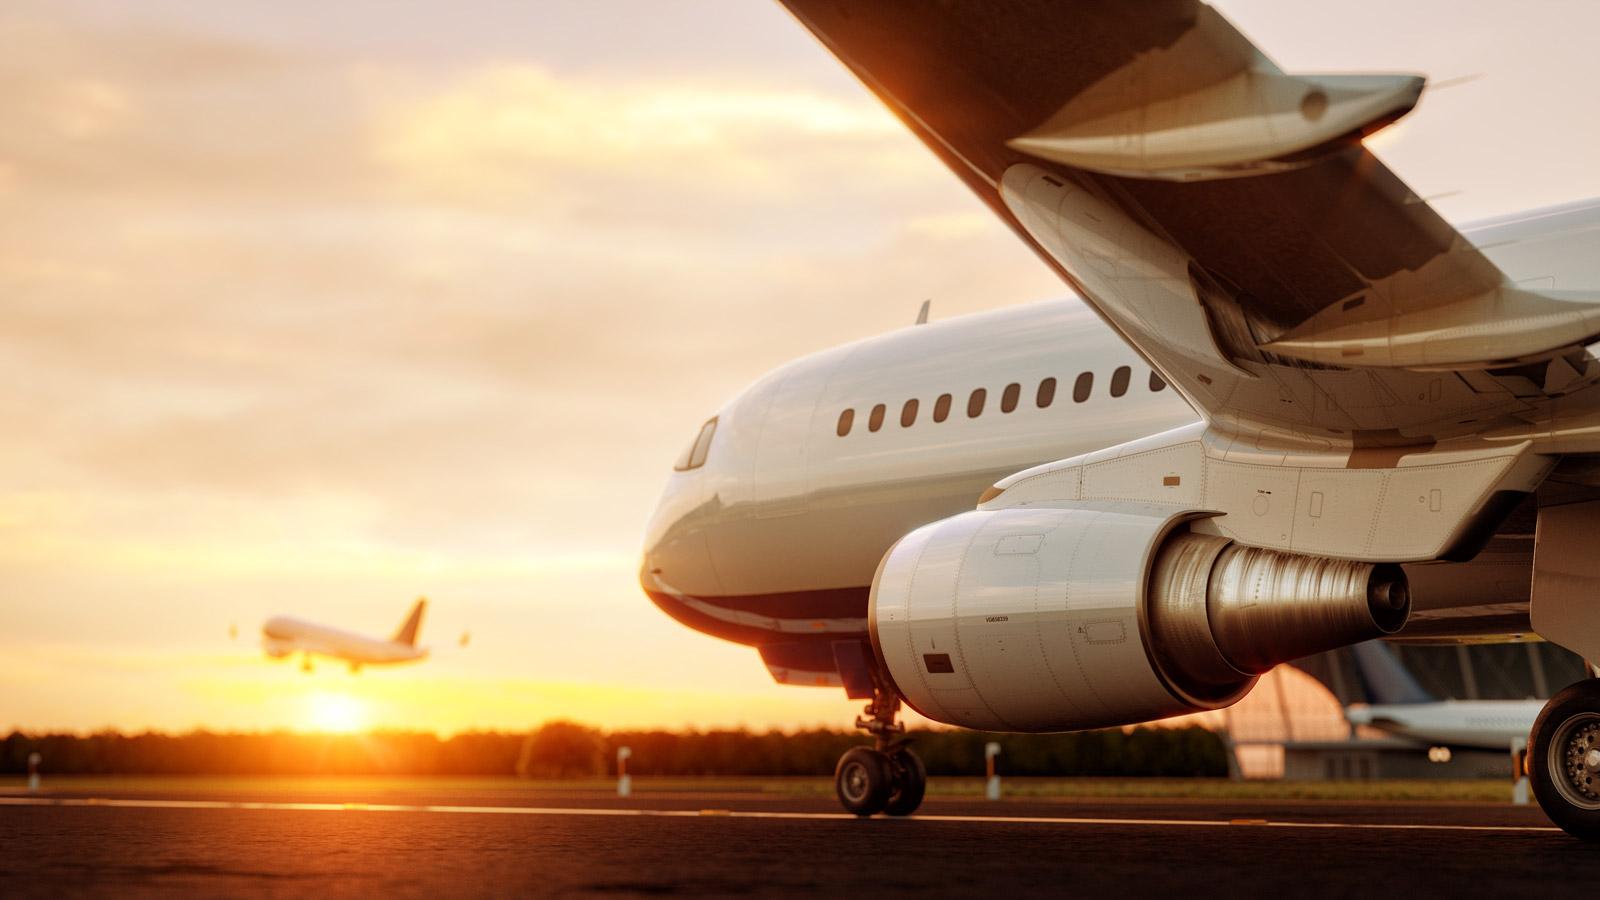 Latanie nigdy nie było bezpieczniejsze! – ale będzie więcej turbulencji travel mediarun samolot lotnisko 2019